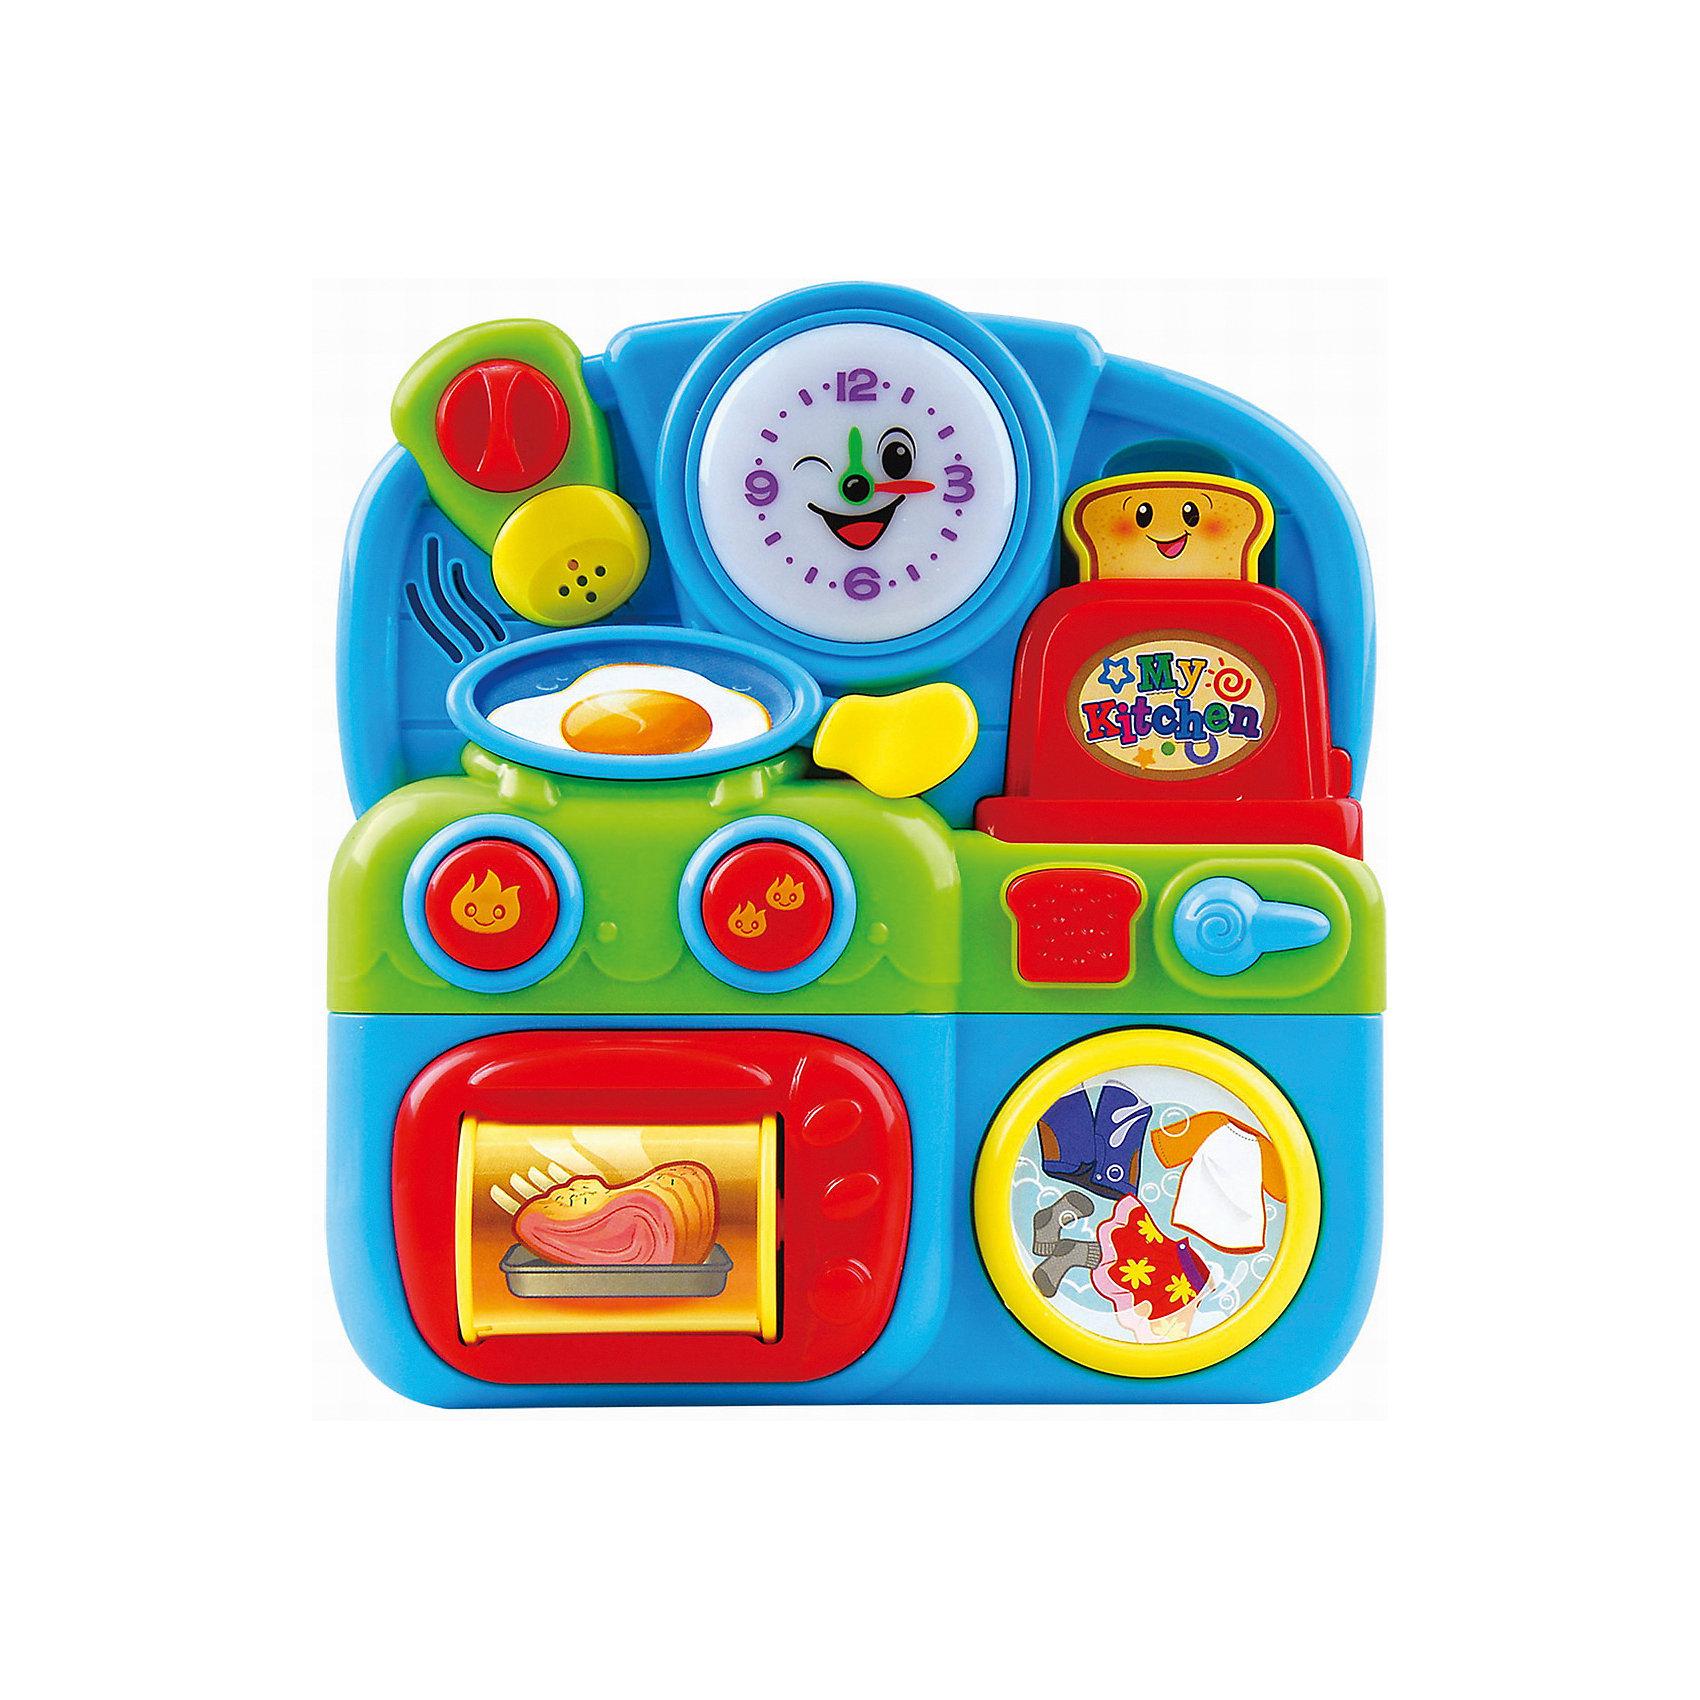 Развивающая игрушка Маленькая кухня, PlaygoРазвивающие игрушки<br>Развивающая игрушка Маленькая кухня, Playgo<br><br>Характеристики:<br>- Материал: пластик<br>- В комплект входит: игрушка, батарейки 2шт. <br>- Элементы питания: батарейки АА<br>- Размер упаковки: 17 * 5 * 17 см.<br>- Вес: 417 гр.<br>Маленькая кухня от известного китайского бренда развивающих игрушек для детей Playgo (Плейго) станет прекрасным подарком для крохи. Плита, духовой шкаф, стиральная машина, тостер, гигантская солонка и большие часы научат ребенка кухне и что на ней есть. Колесо духовки  крутится и показывает разные блюда, а нажимая на кнопочки можно послушать песенки и услышать разные звуки. Изготовленная из качественного пластика, яркая игрушка поможет развить тактильные ощущения, звуковое восприятие, воображение и световое восприятие и моторику ручек. Небольшой размер позволит брать веселую игрушку на прогулку или в поездку.<br>Развивающую игрушку Маленькая кухня, Playgo (Плейго) можно купить в нашем интернет-магазине.<br>Подробнее:<br>• Для детей в возрасте: от 6 до 24 месяцев <br>• Номер товара: 5054057<br>Страна производитель: Китай<br><br>Ширина мм: 210<br>Глубина мм: 200<br>Высота мм: 55<br>Вес г: 417<br>Возраст от месяцев: 6<br>Возраст до месяцев: 24<br>Пол: Унисекс<br>Возраст: Детский<br>SKU: 5054057